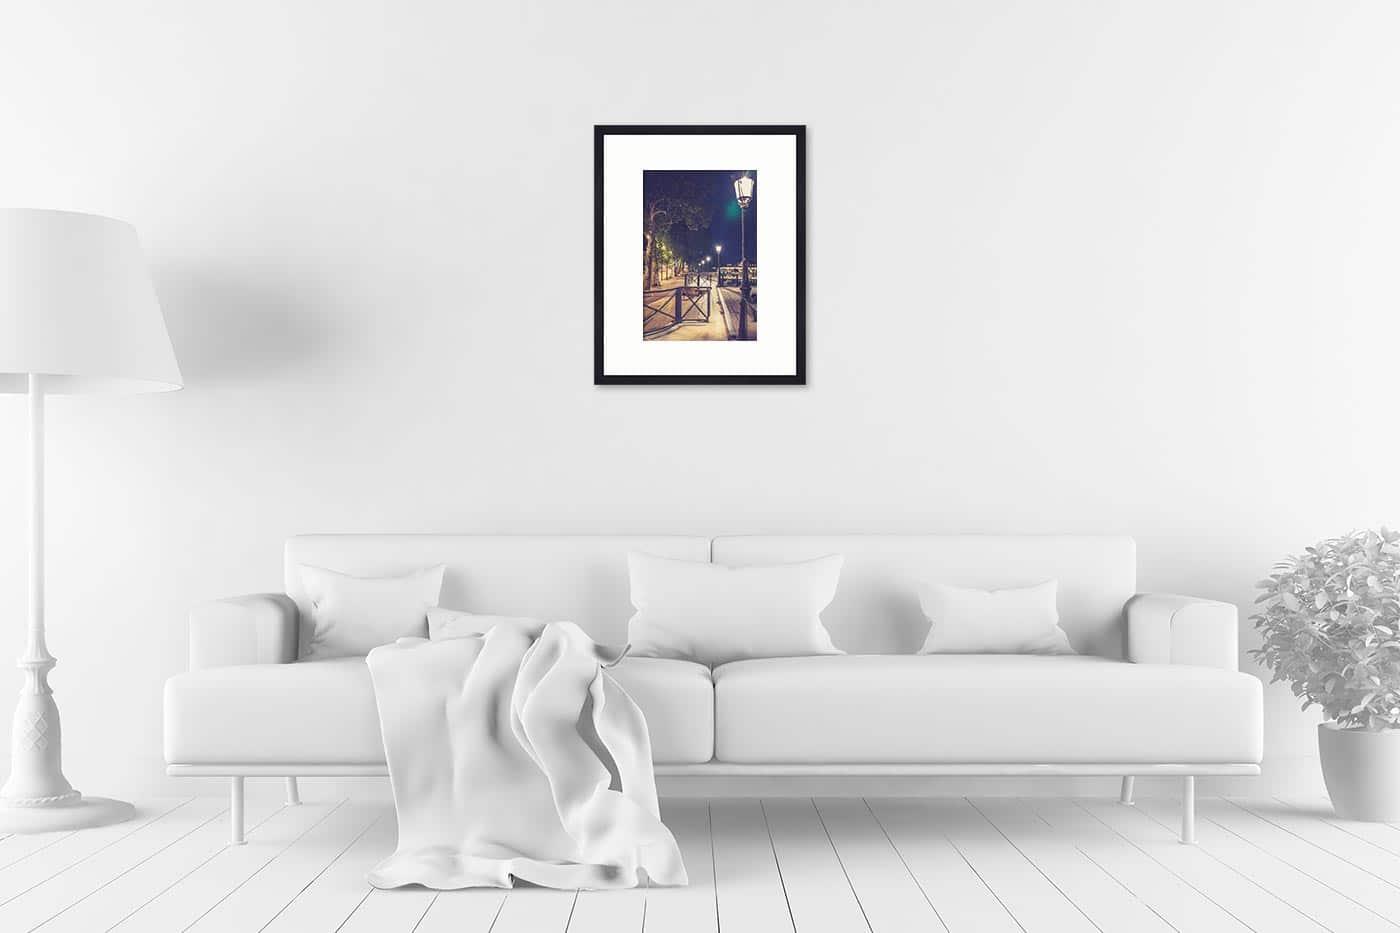 Cadre galerie 40x50 Paris 22H11